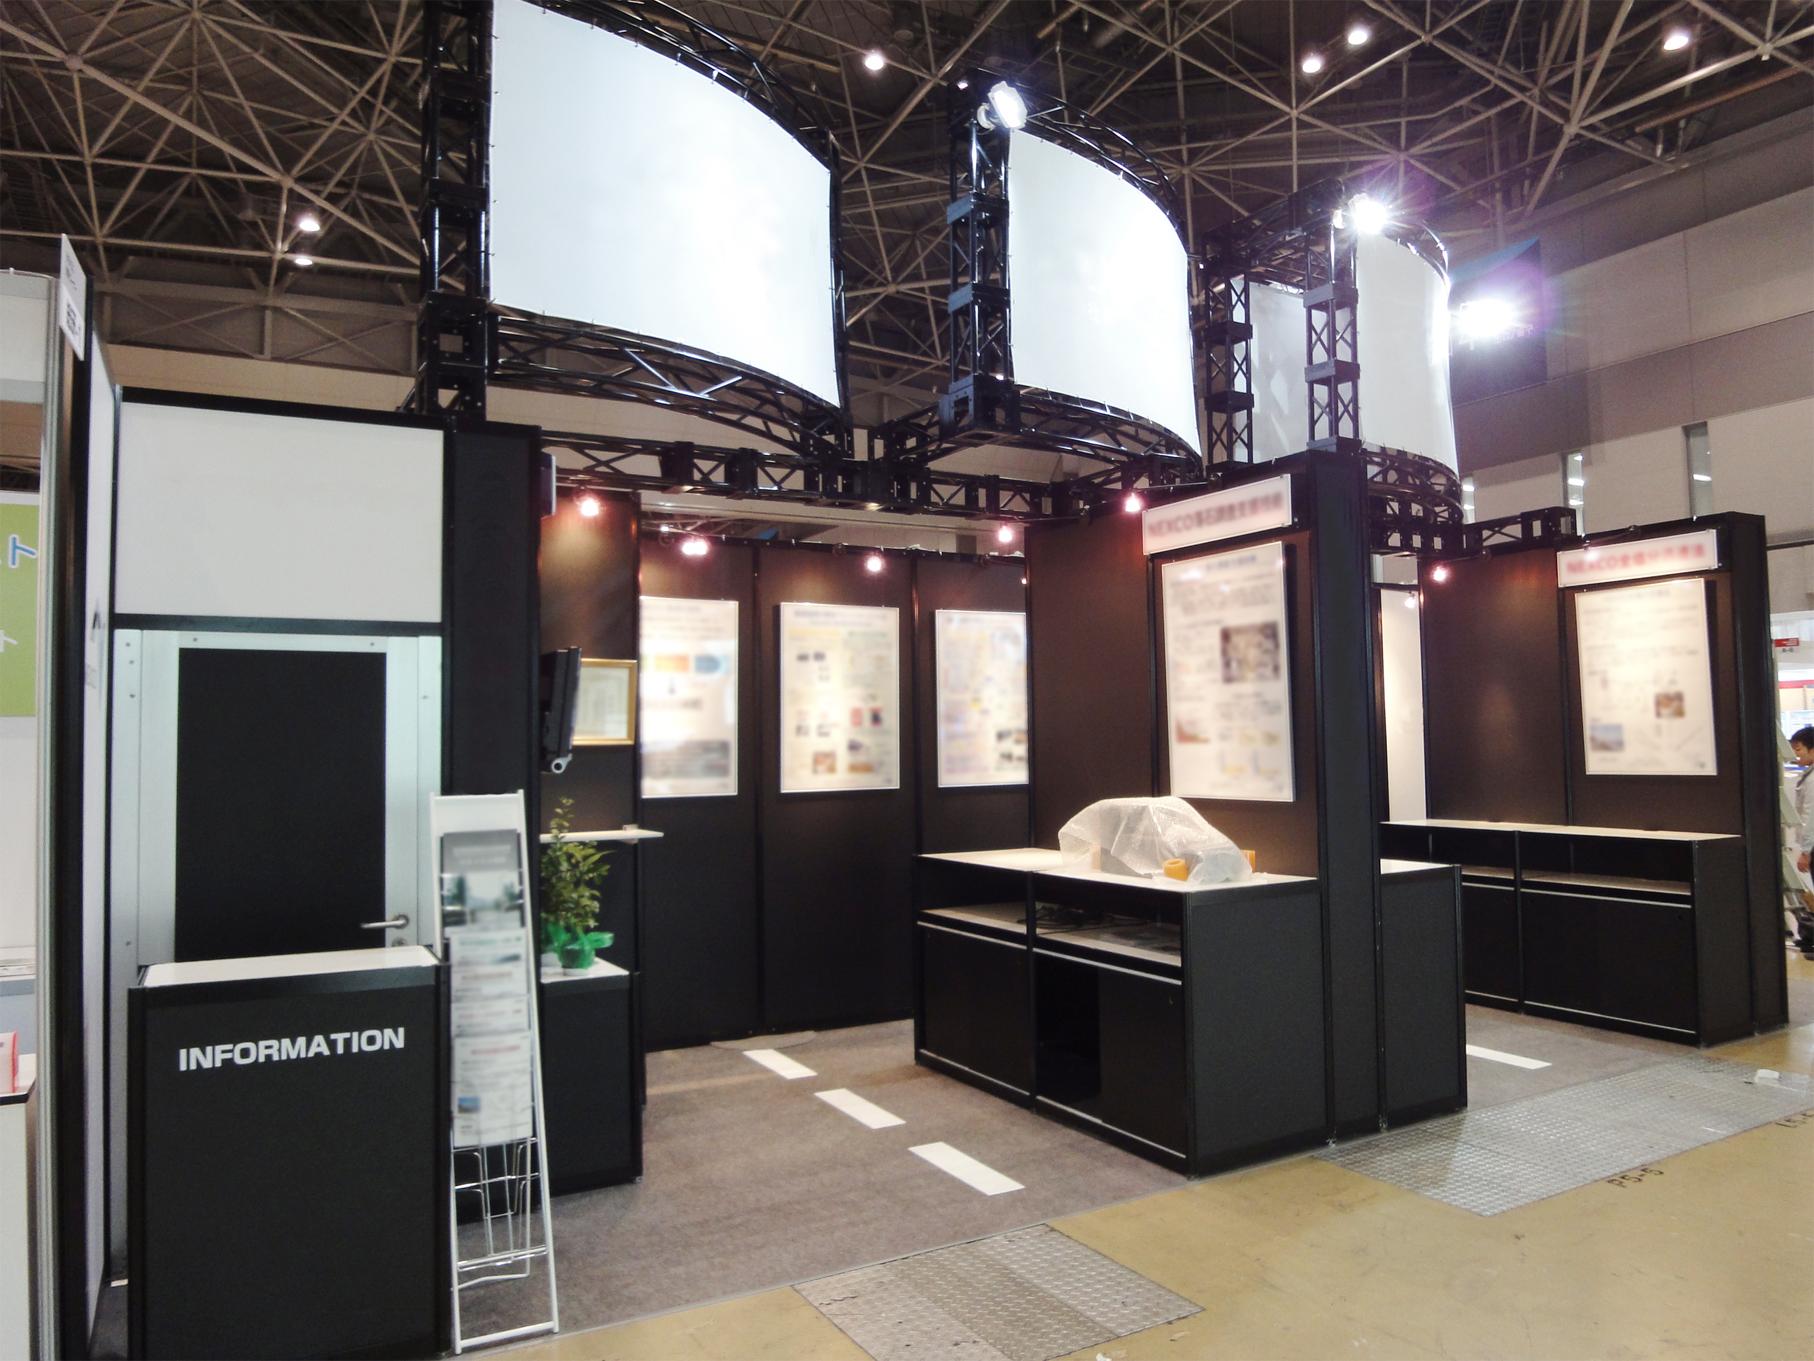 ハイウェイテクノフェア 2010 東京ビッグサイト / 小間(9Mx3M)